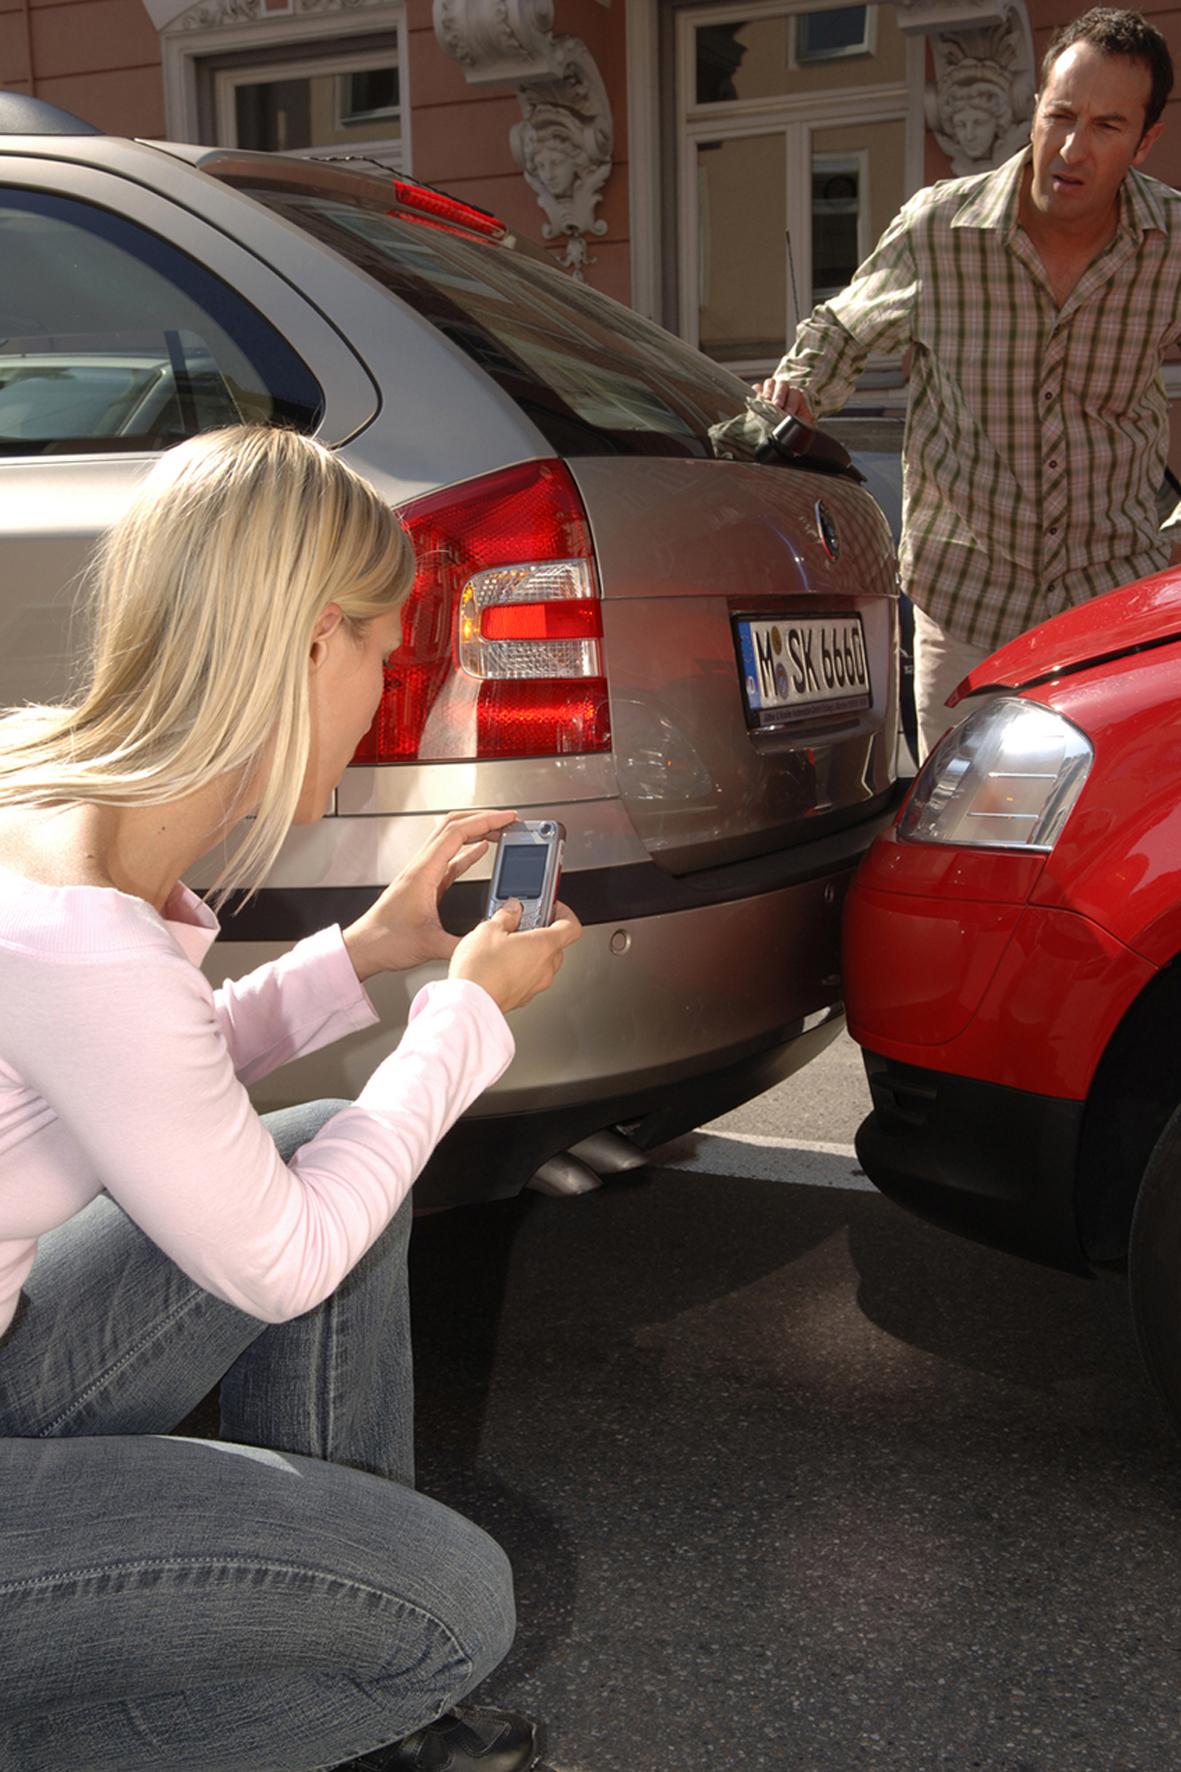 Parkrempler: Wo kracht es am häufigsten?